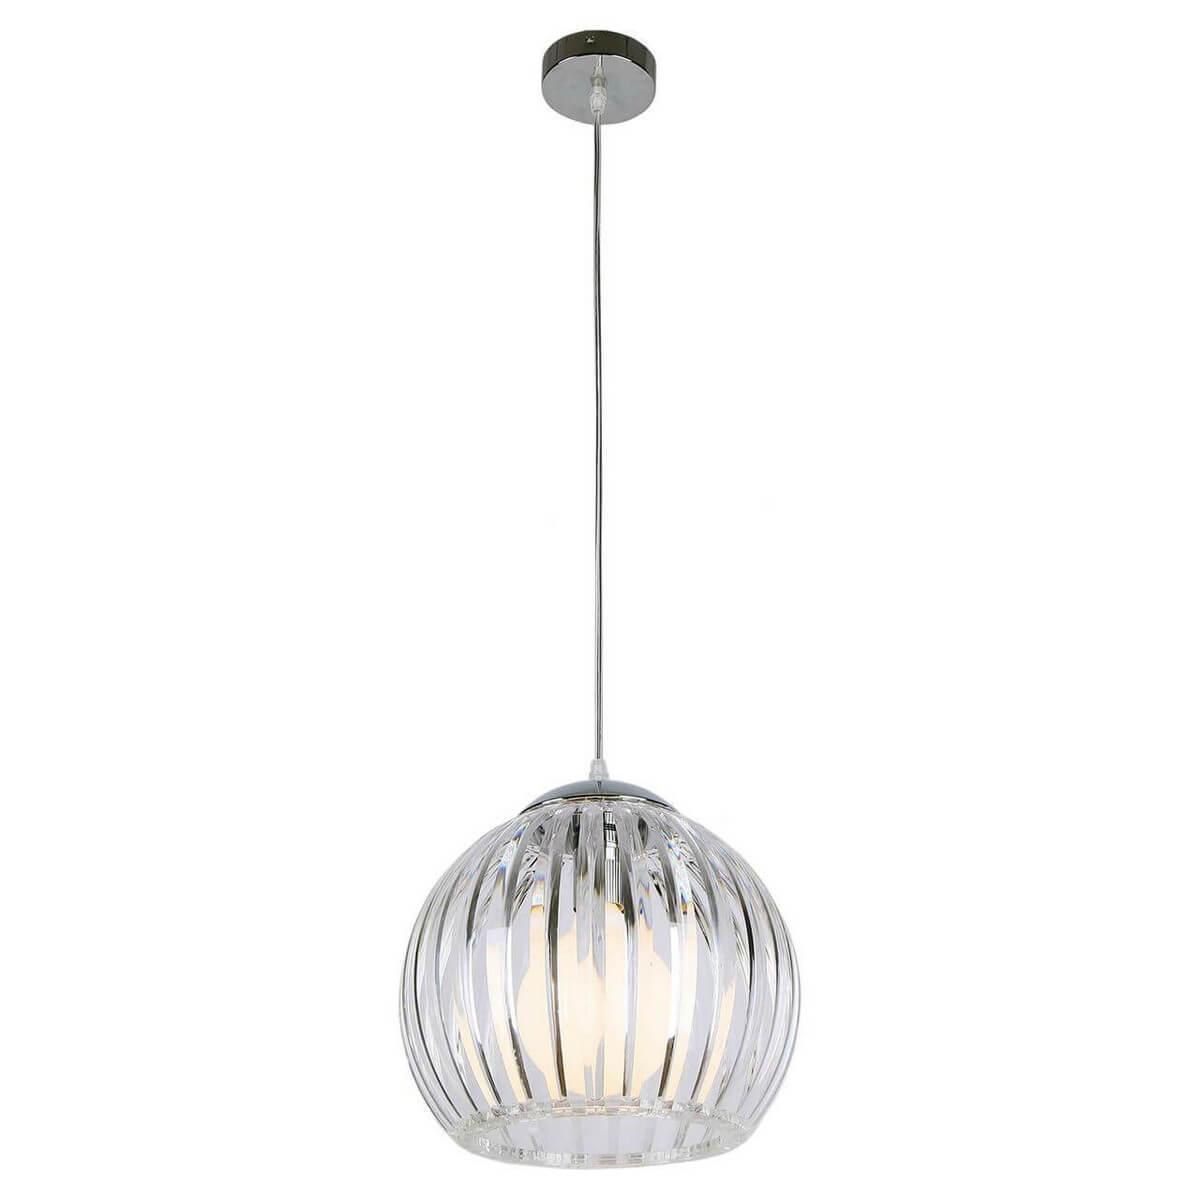 цена на Подвесной светильник Lussole GRLSP-0159, E27, 11 Вт